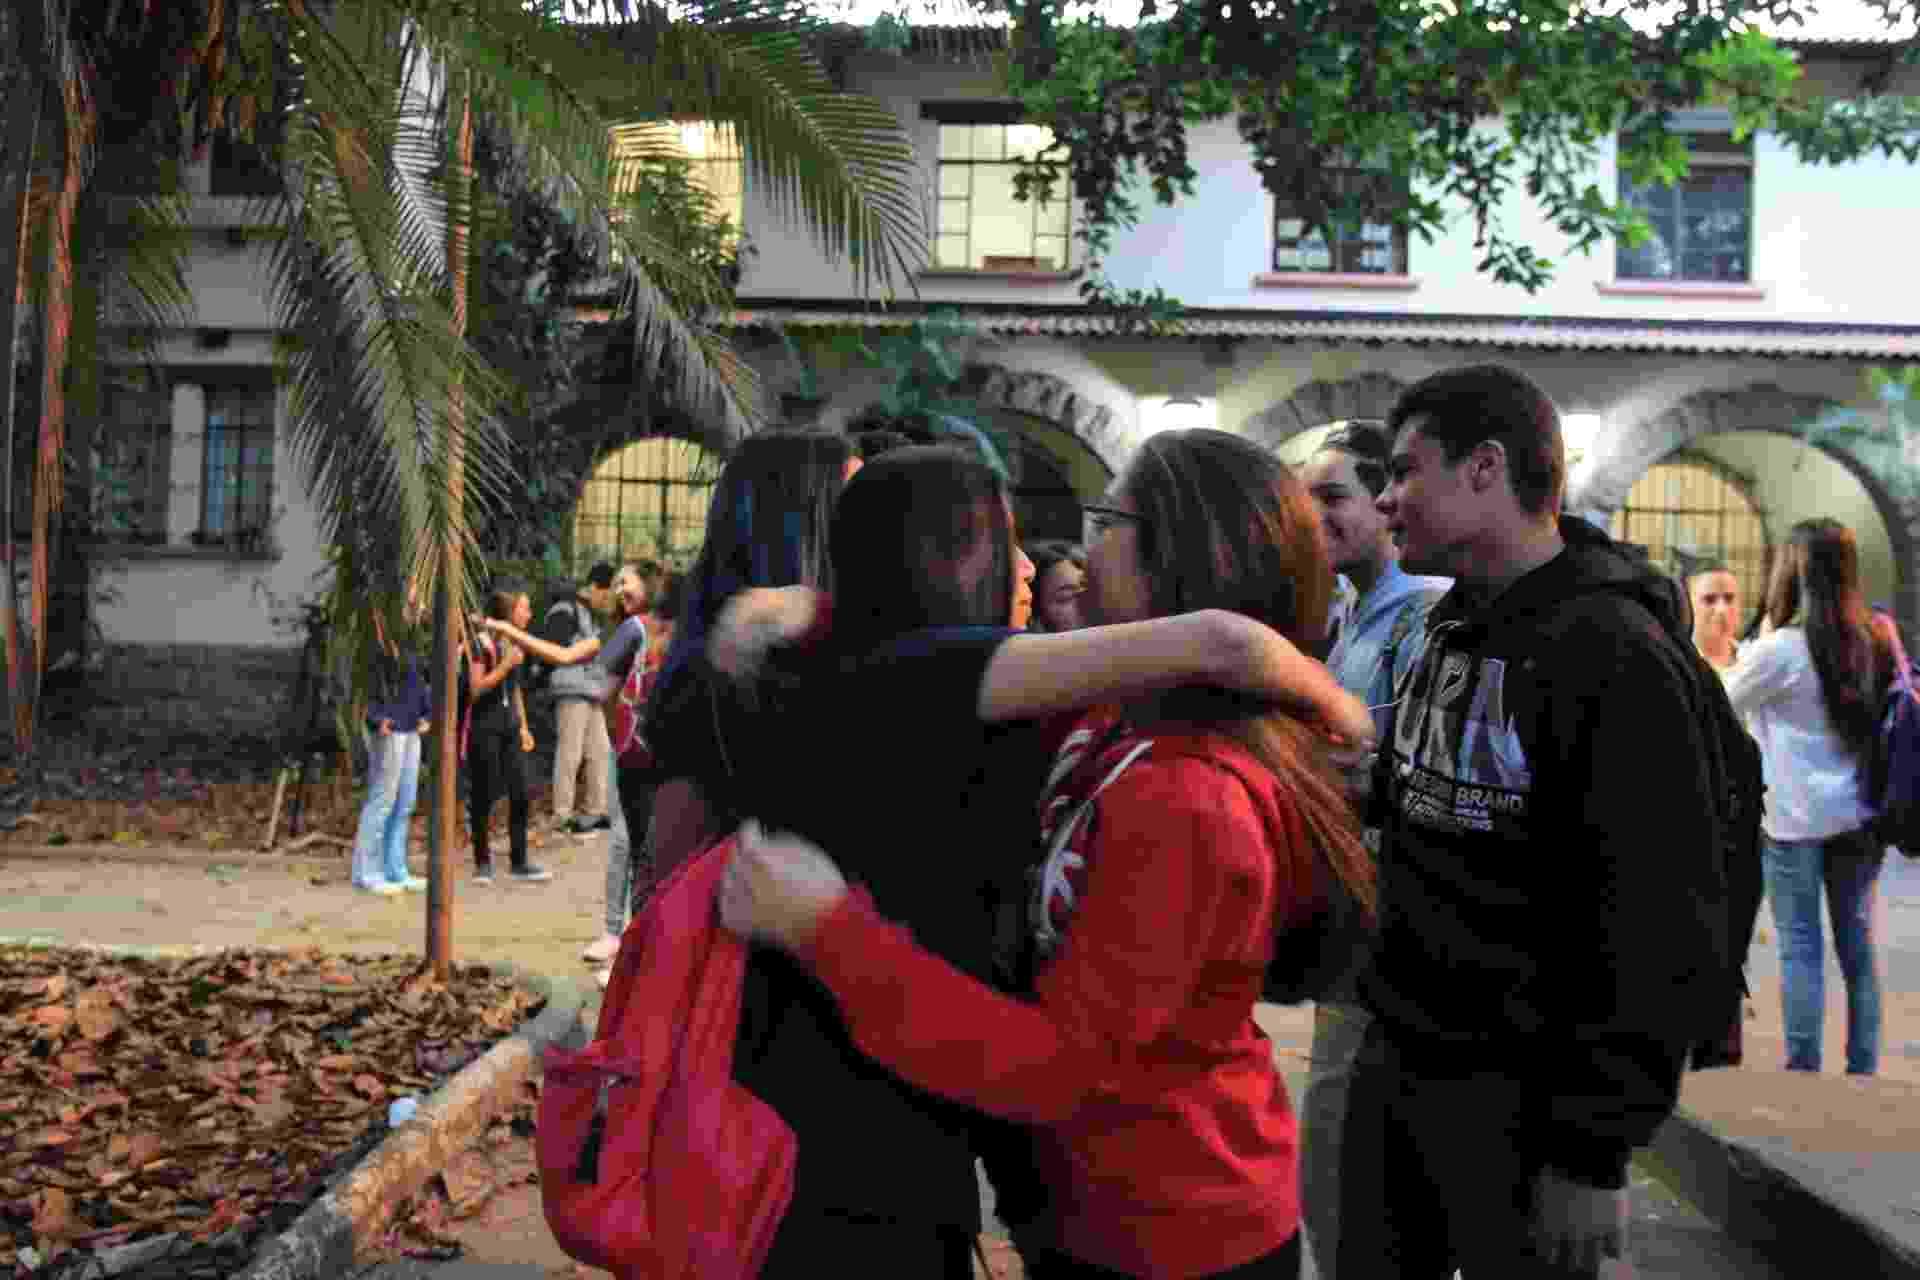 6.jan.2016 - Alunos retornaram às aulas nesta manhã na Escola Estadual Fernão Dias Paes, na zona oeste de São Paulo. A unidade permaneceu ocupada por estudantes durante 55 dias. Eles protestavam contra o projeto estadual de reorganização da rede de ensino. A escola foi desocupada na na tarde de segunda-feira (4) - Werther Santana/Estadão Conteúdo